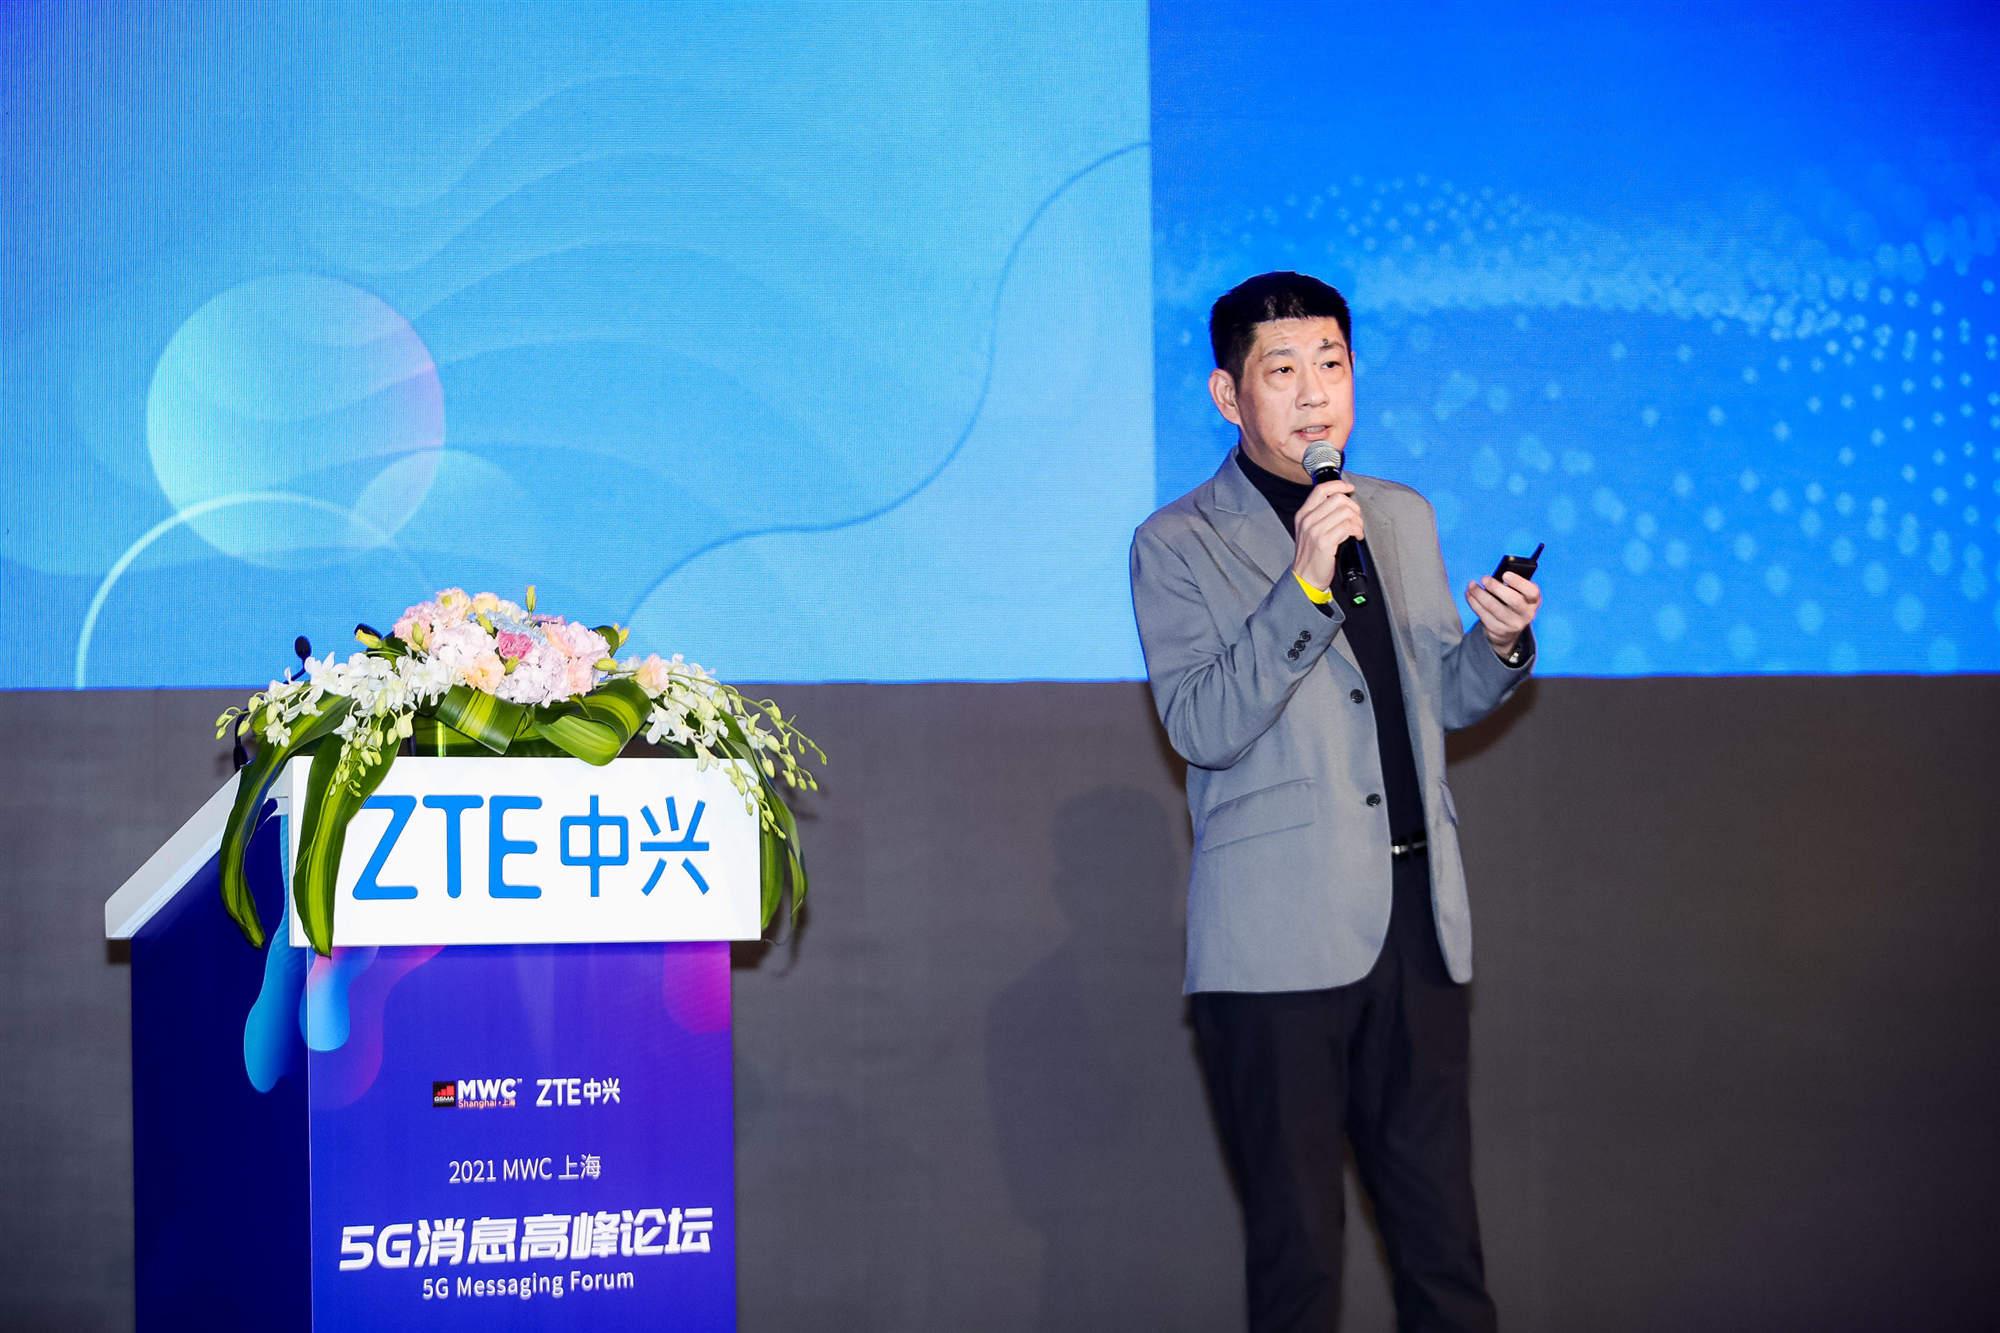 MWC21上海 國都互聯5G消息生態(tai)探索(suo)與實踐